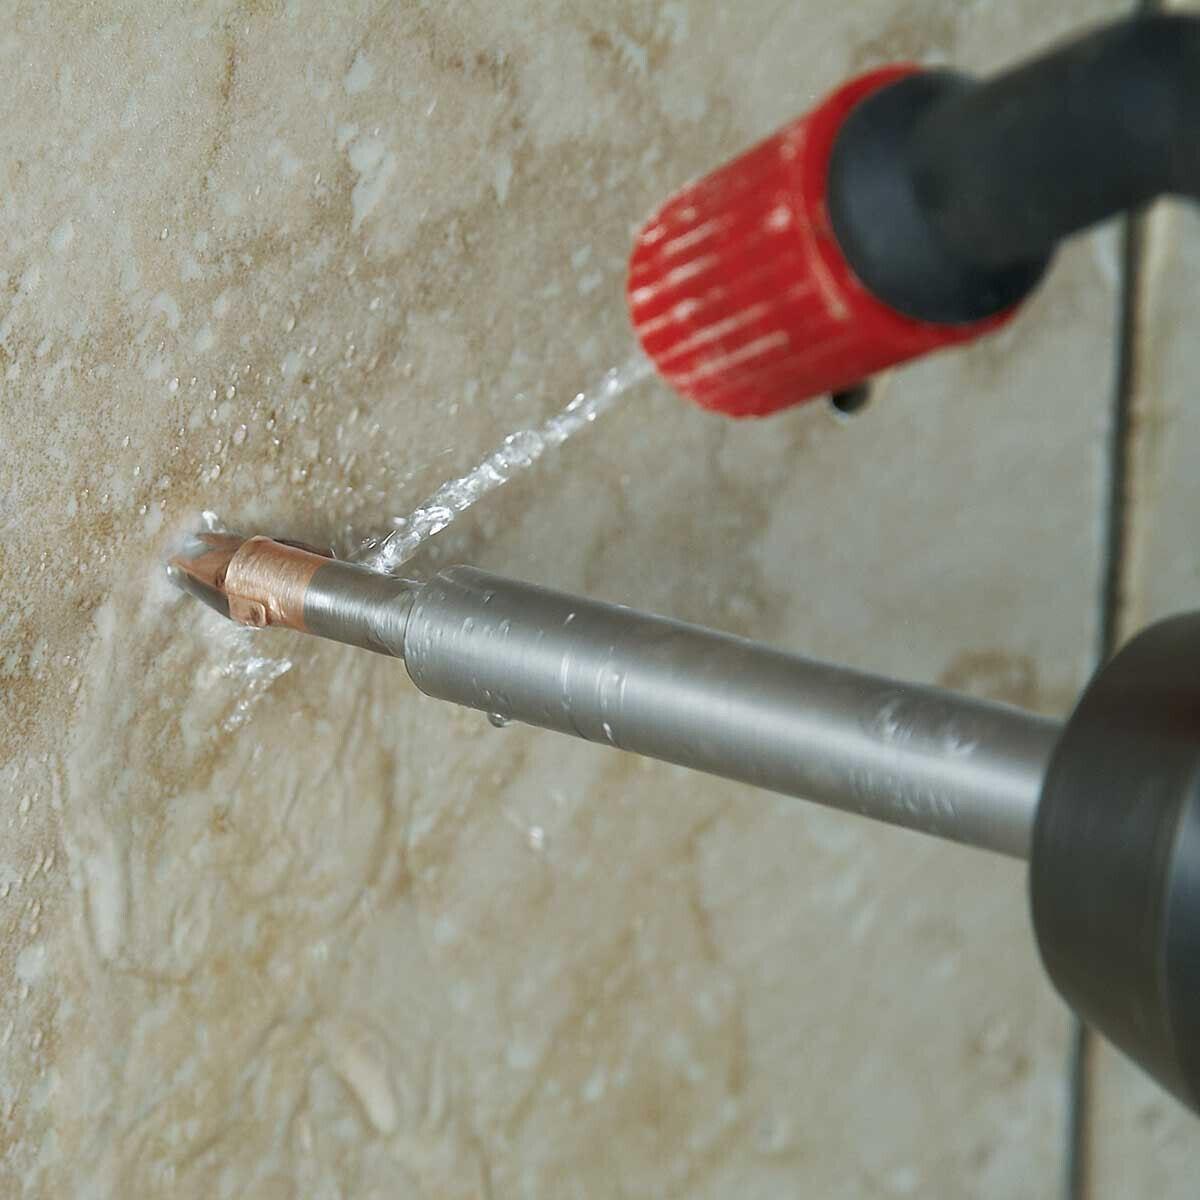 wet porcelain drilling with ptb bit